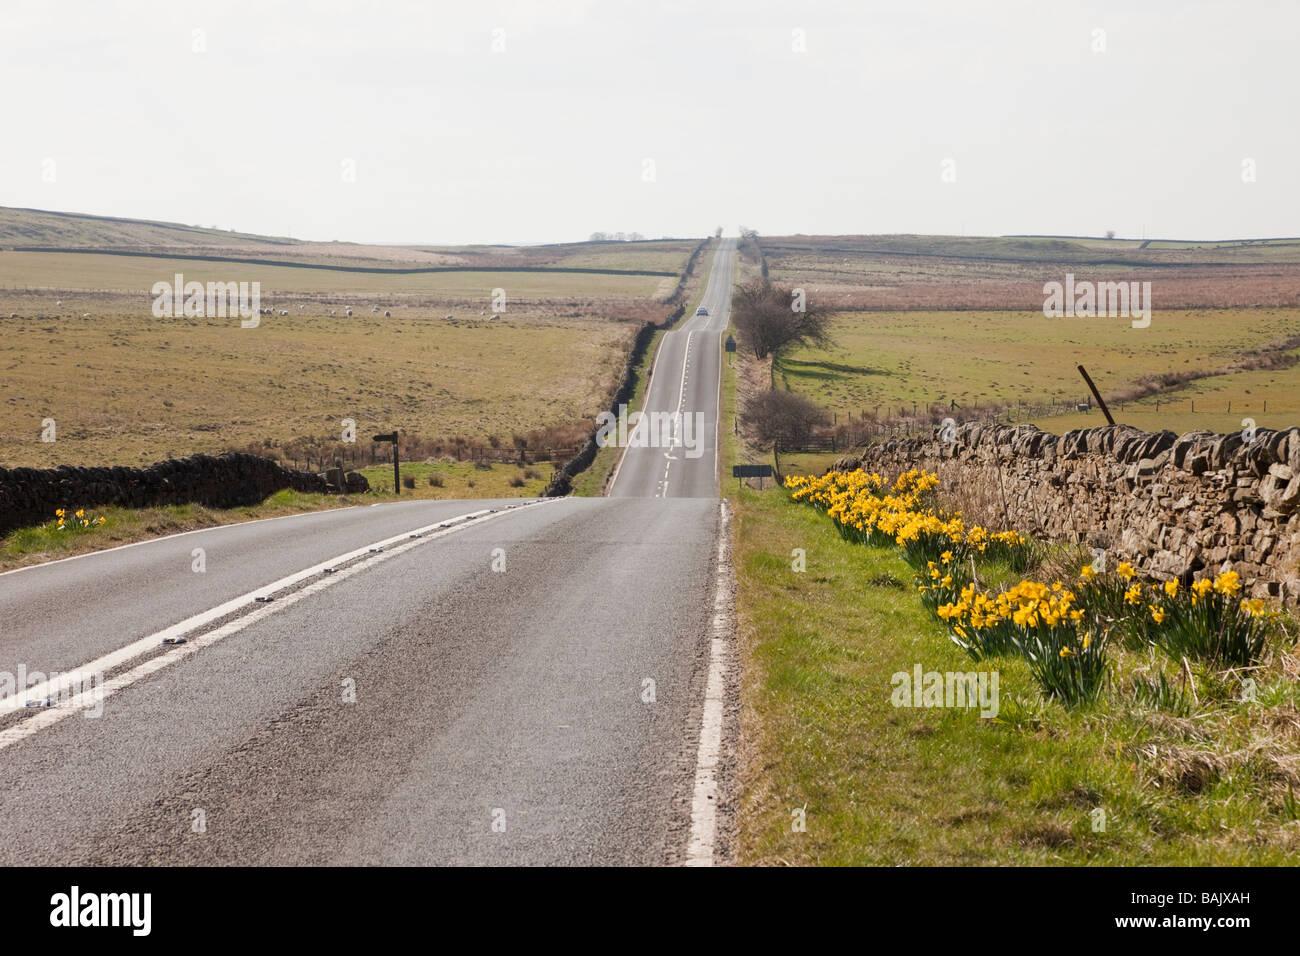 Recta Larga tranquila carretera rural con Carretera de narcisos en Northumberland National Park. Northumberland, Imagen De Stock